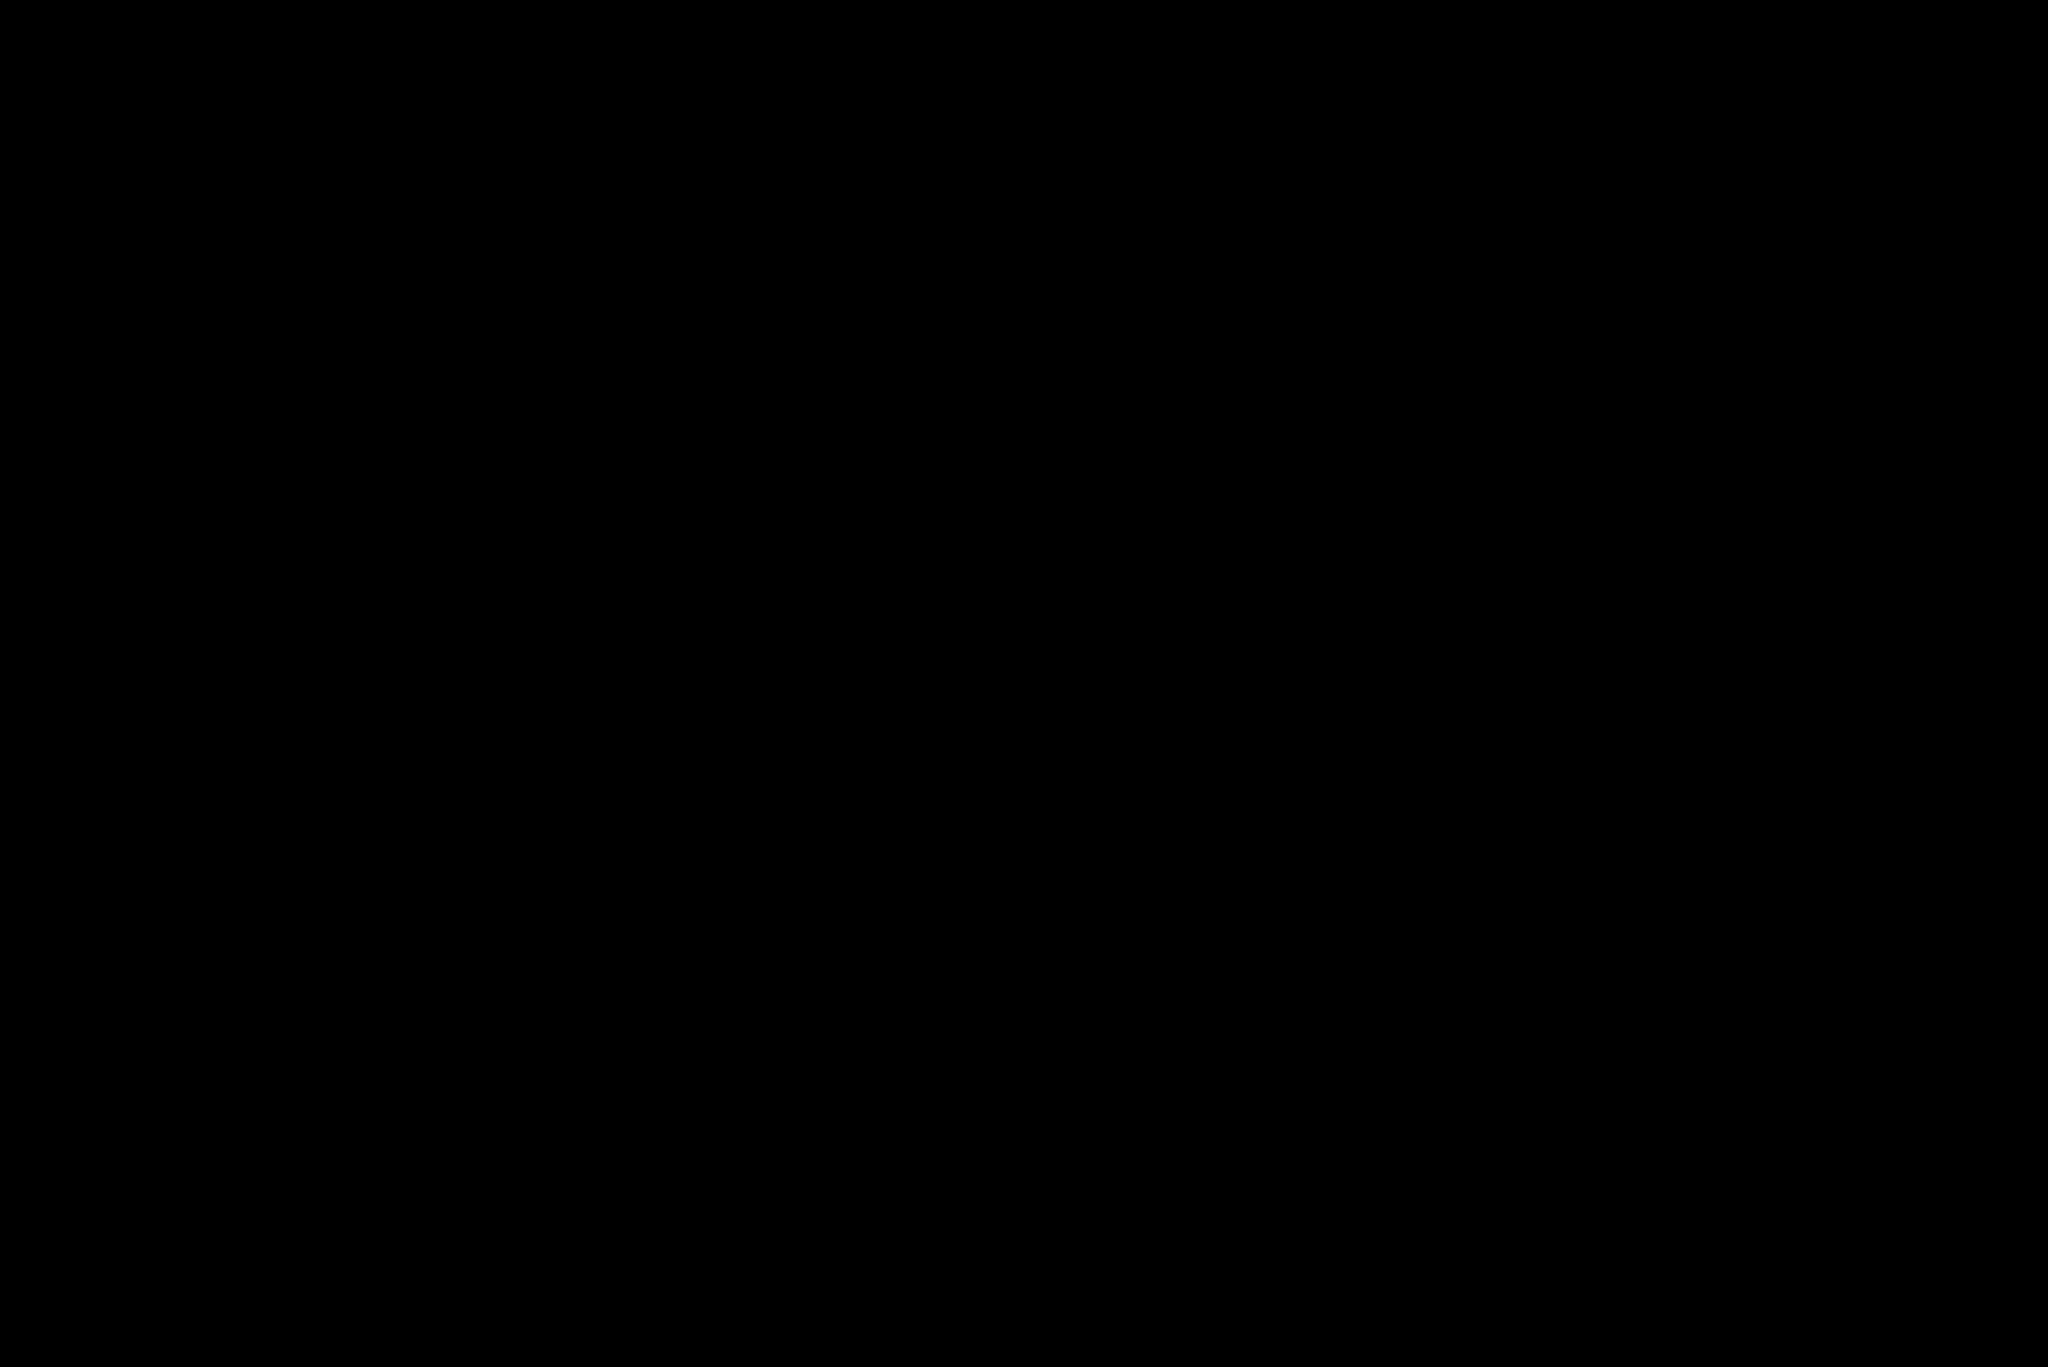 Spinkit